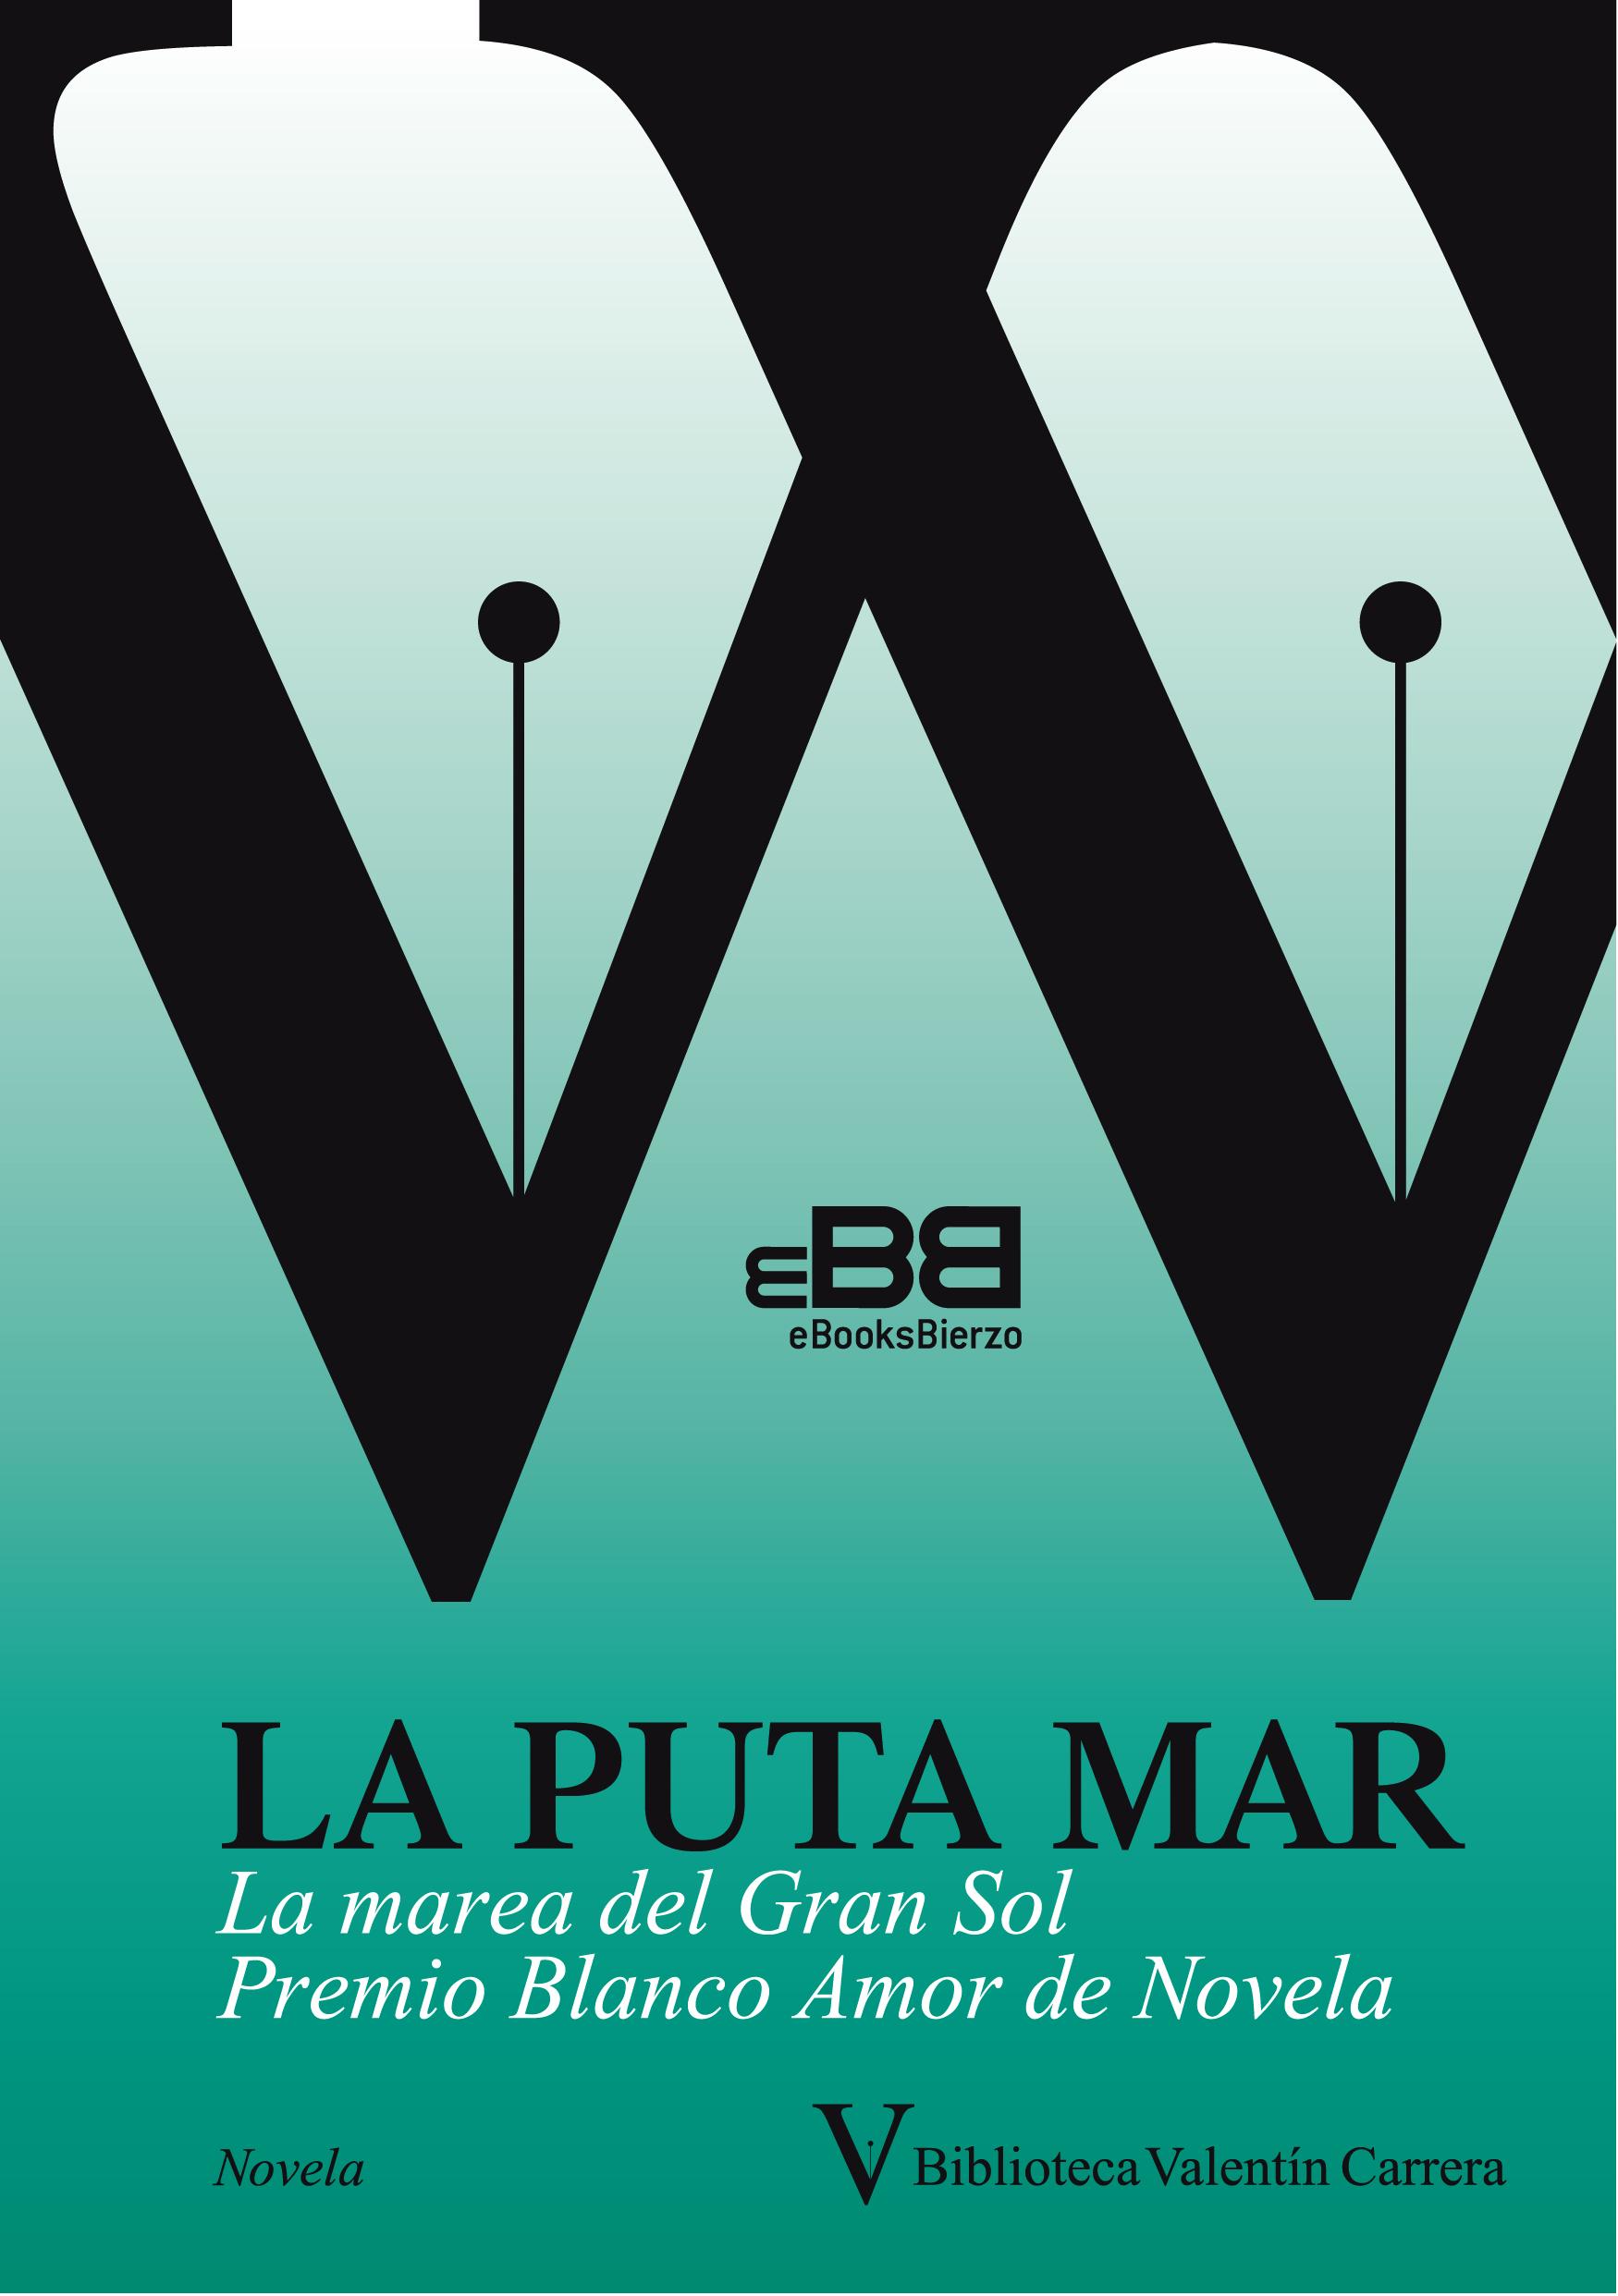 La puta mar (novela)